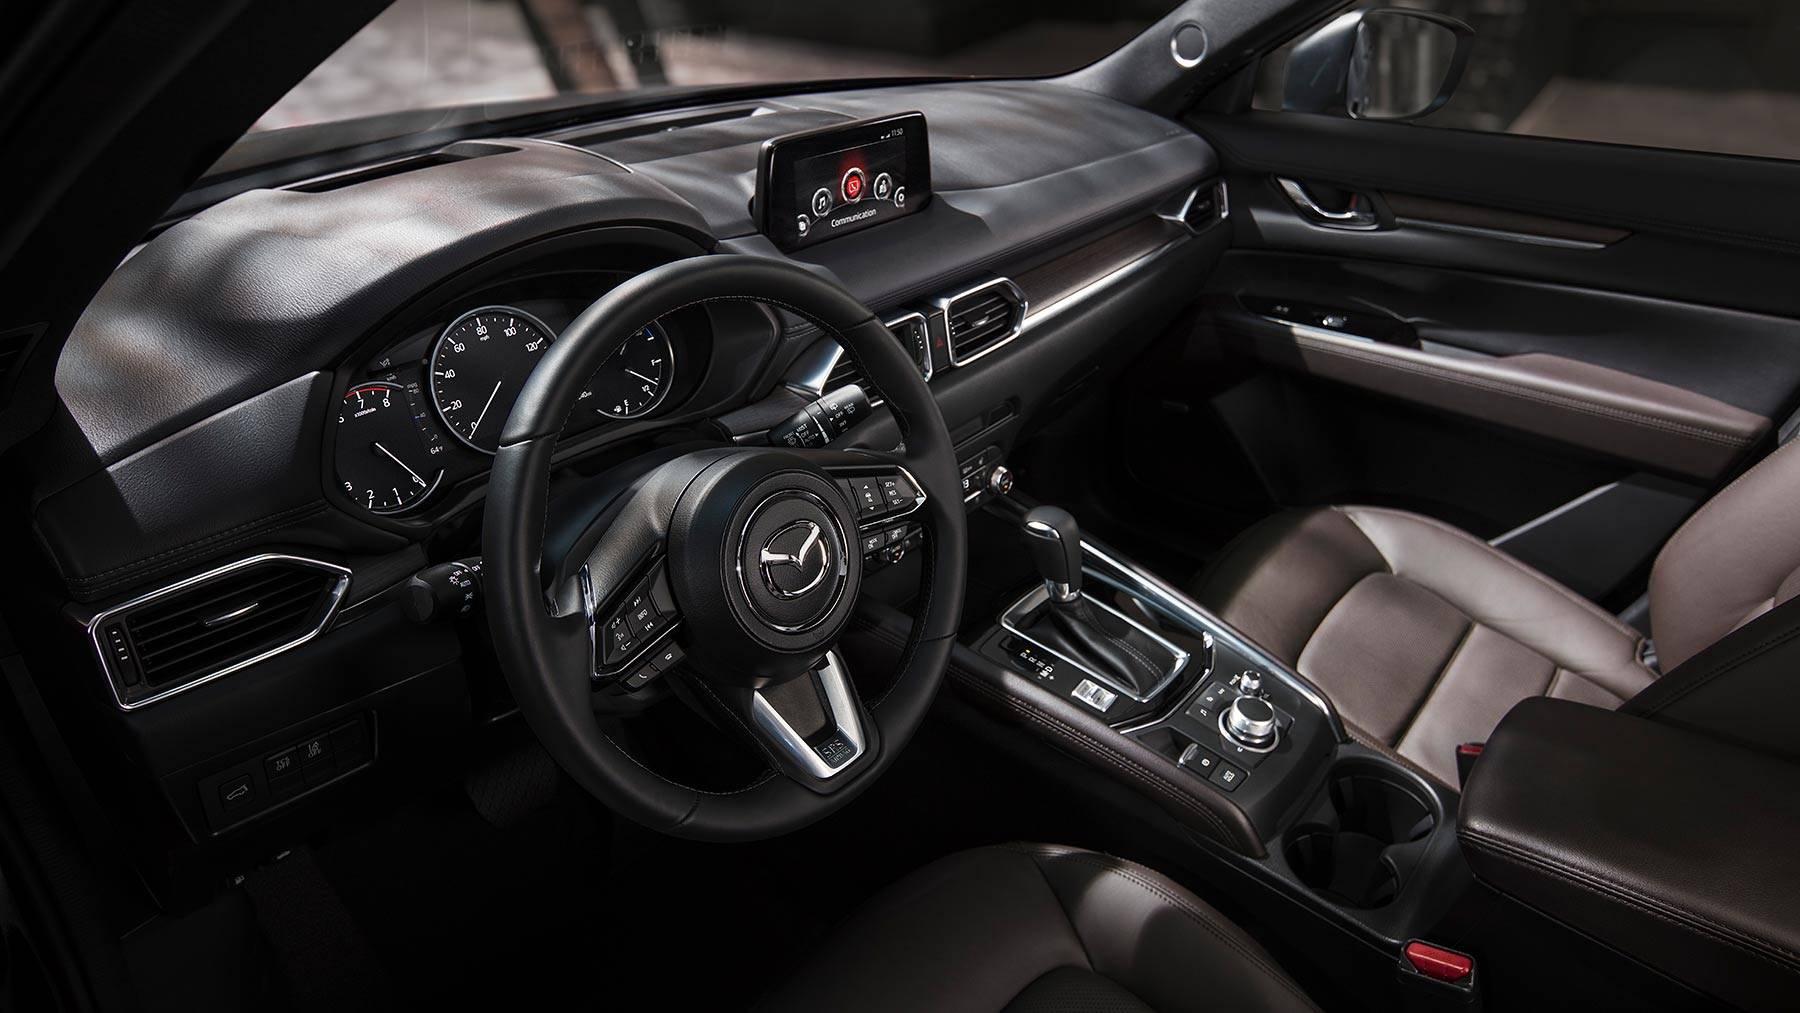 Interior of the 2019 Mazda CX-5